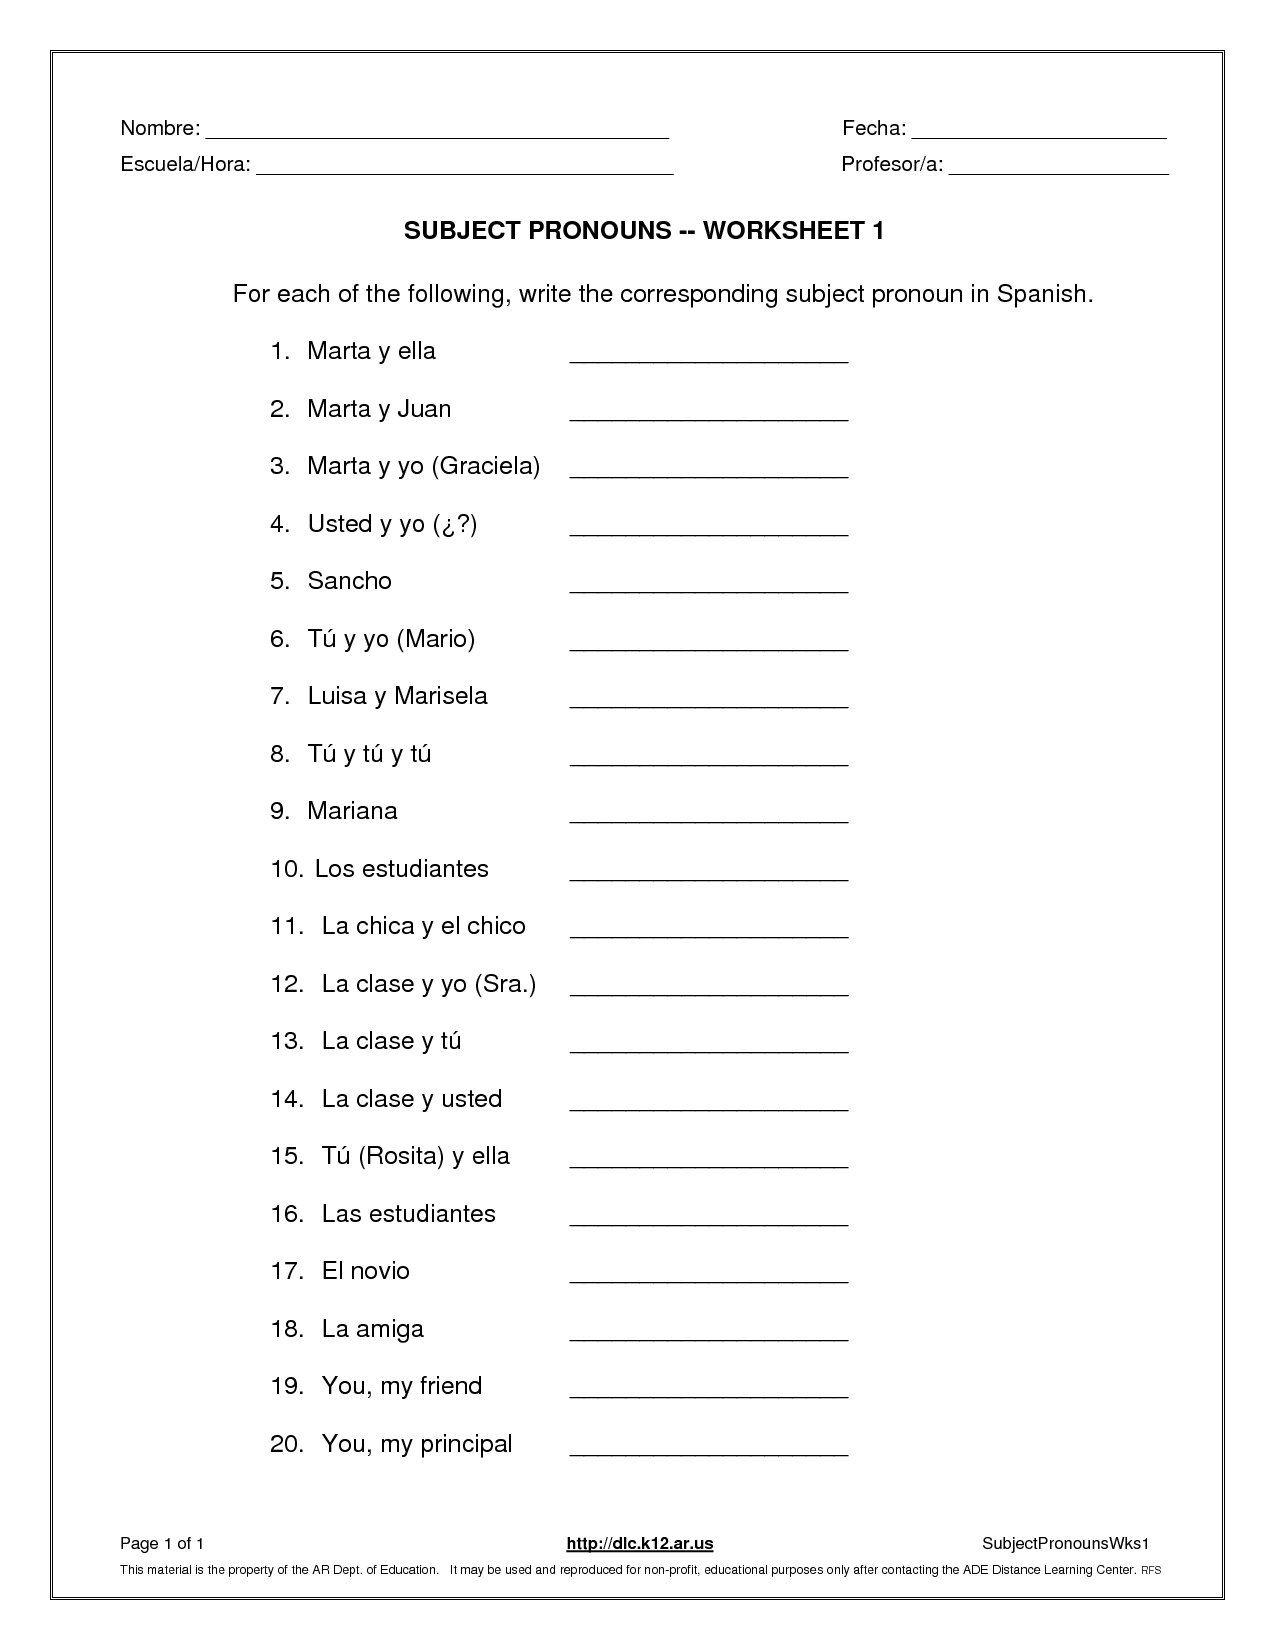 Subject Pronouns Worksheet 1 Spanish Answer Key Dengan Gambar